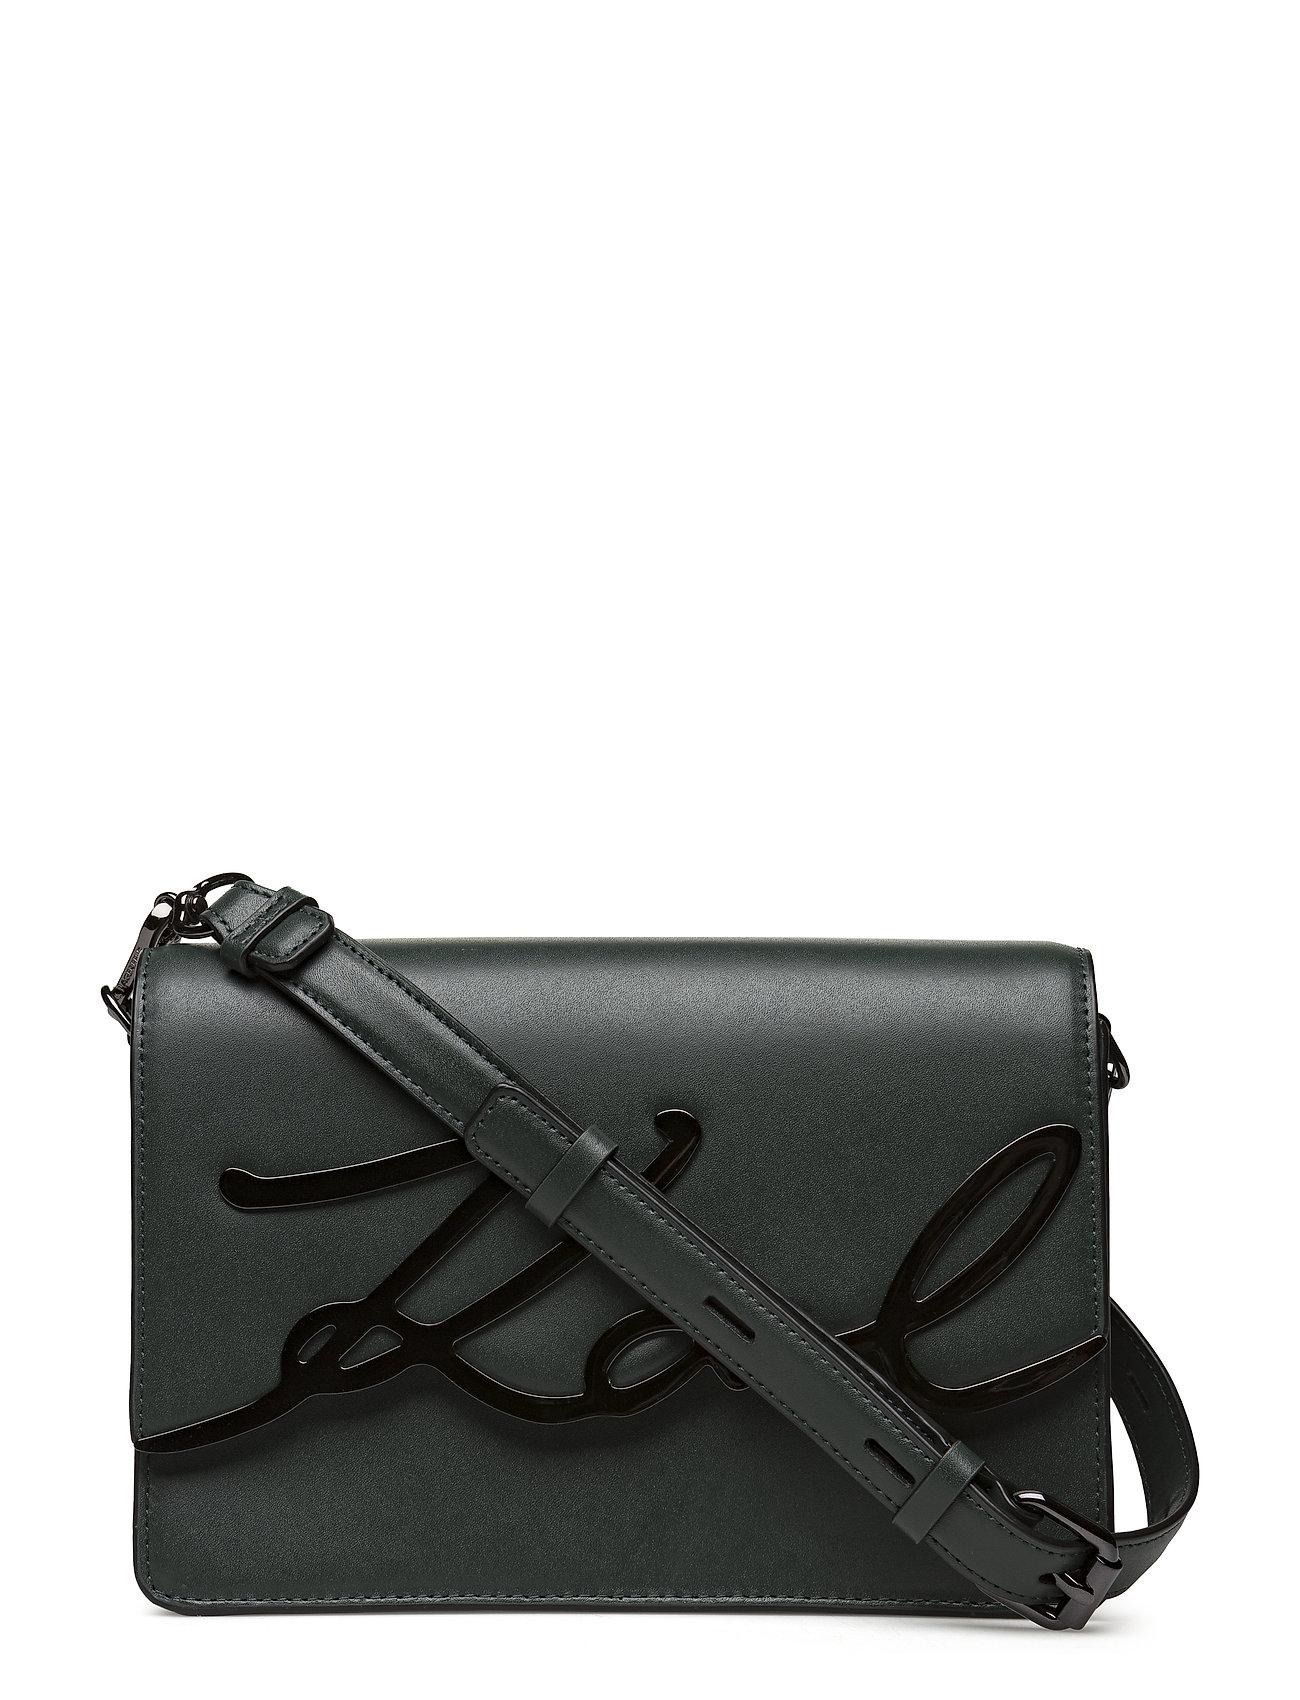 3092f9893849 Köp märkeskläder från Karl Lagerfeld bags på premiumklader.se